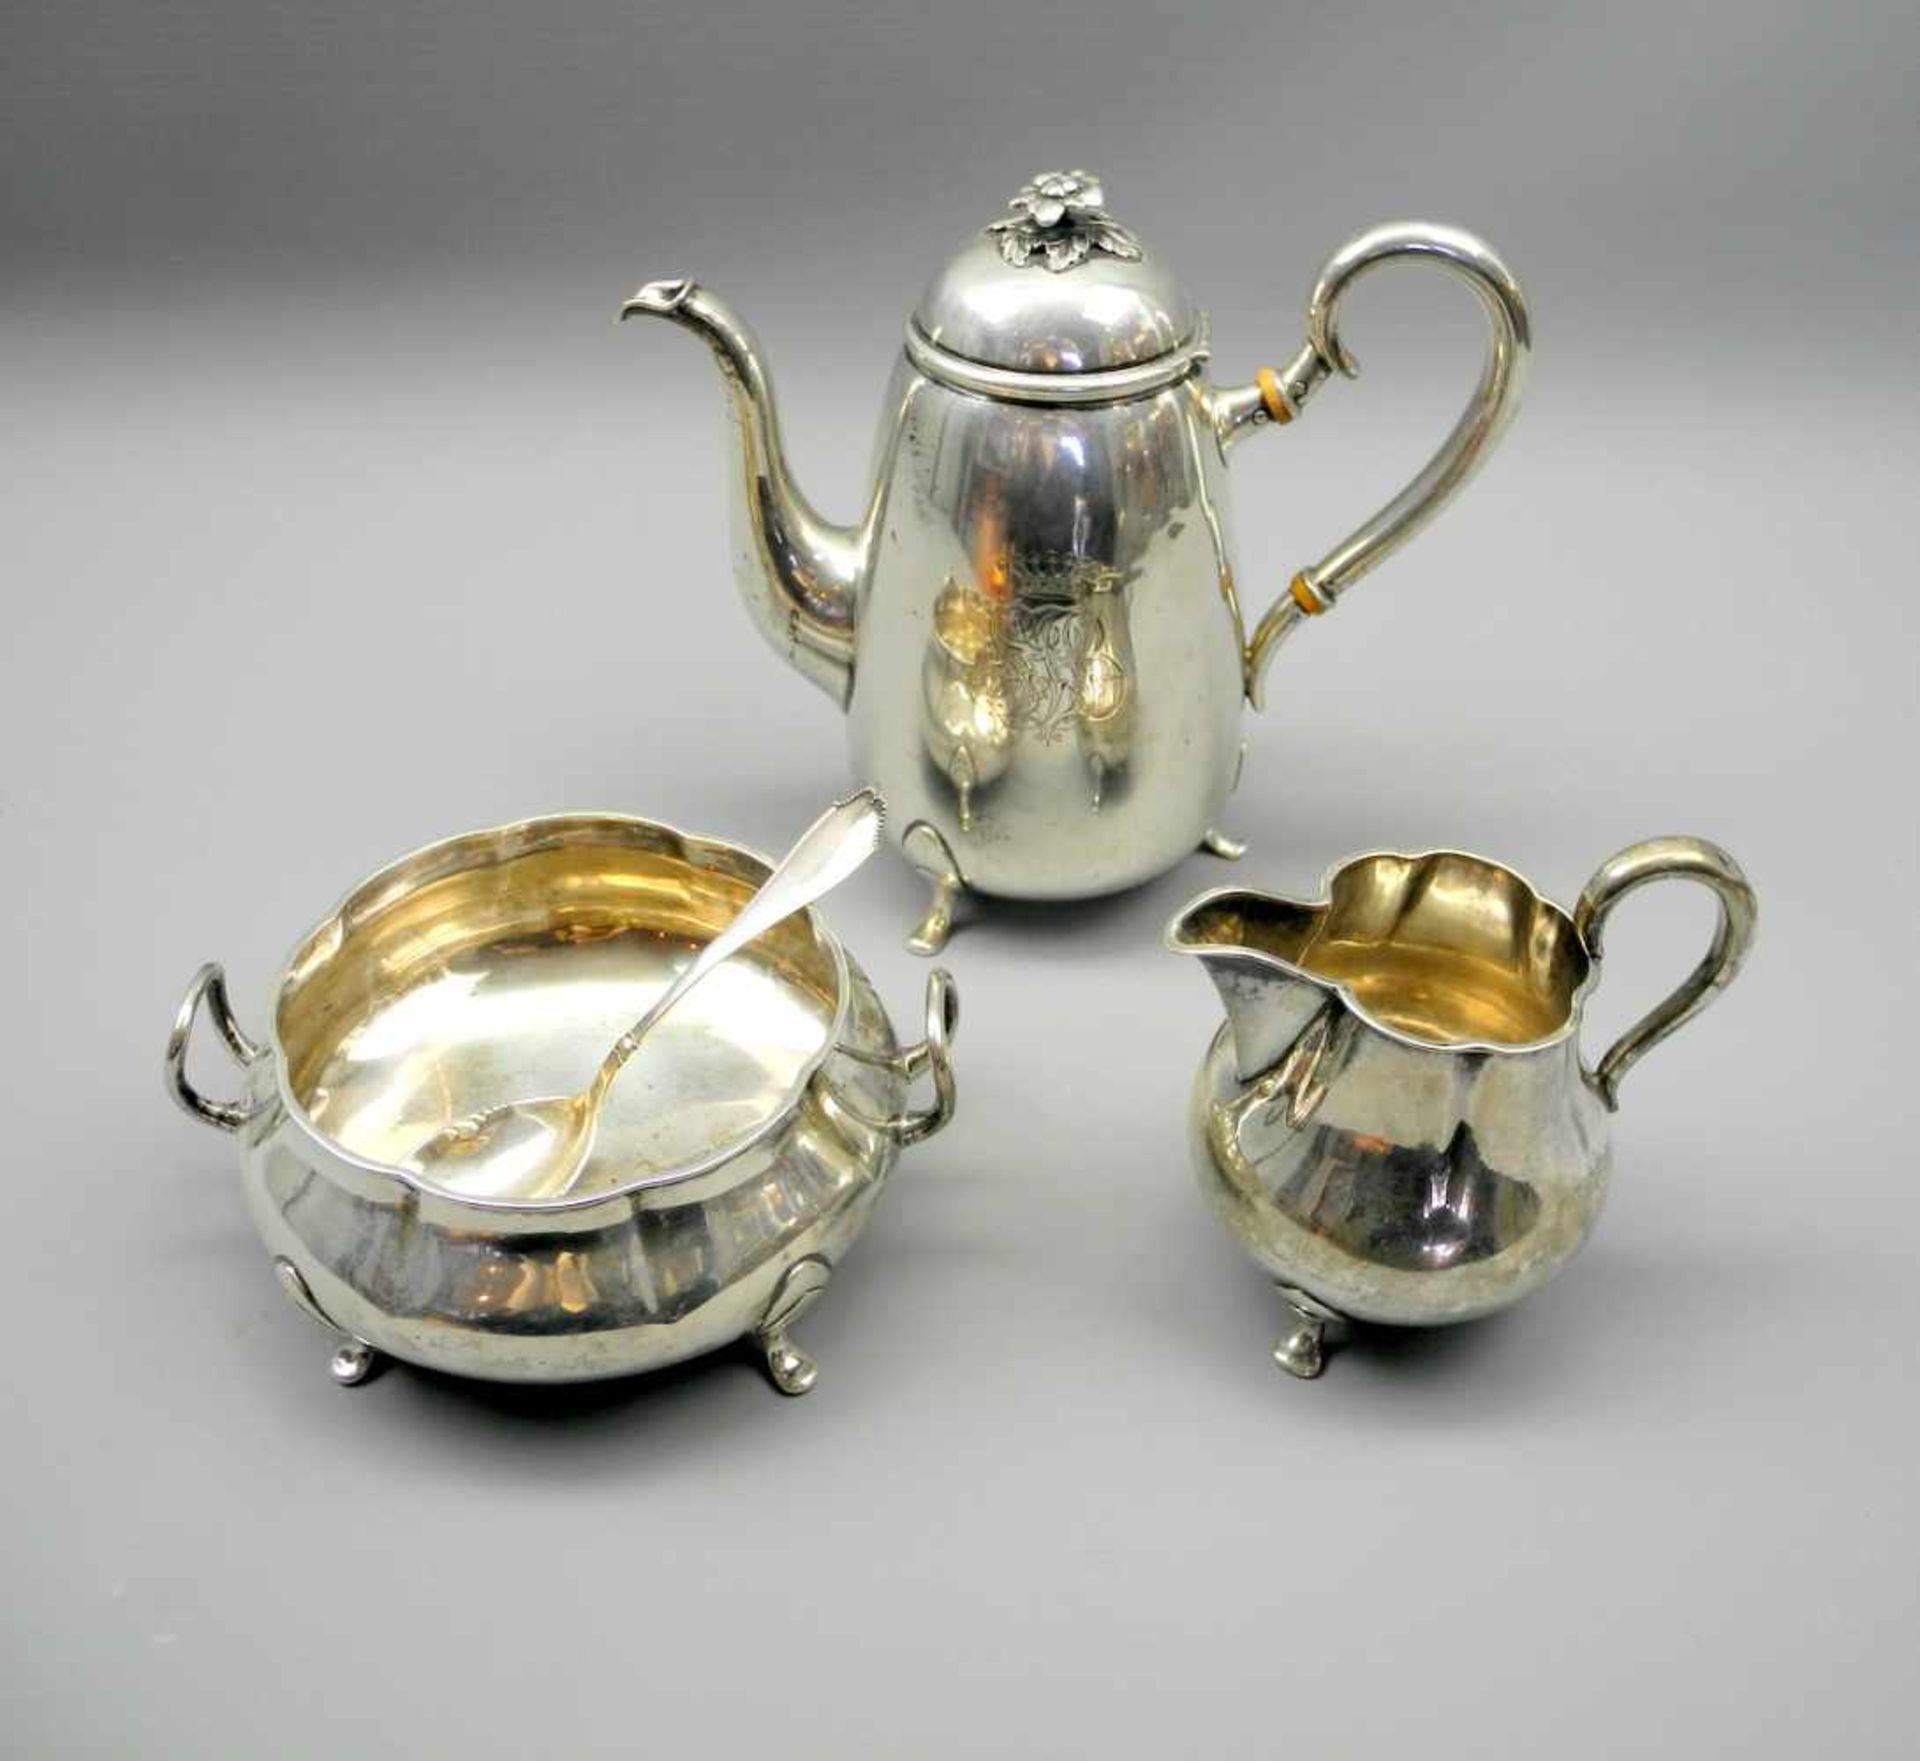 Los 22 - Dänisches TeeserviceMin. Silber 826, jeweils am Boden mit 3-Türme-Marke für Dänemark,